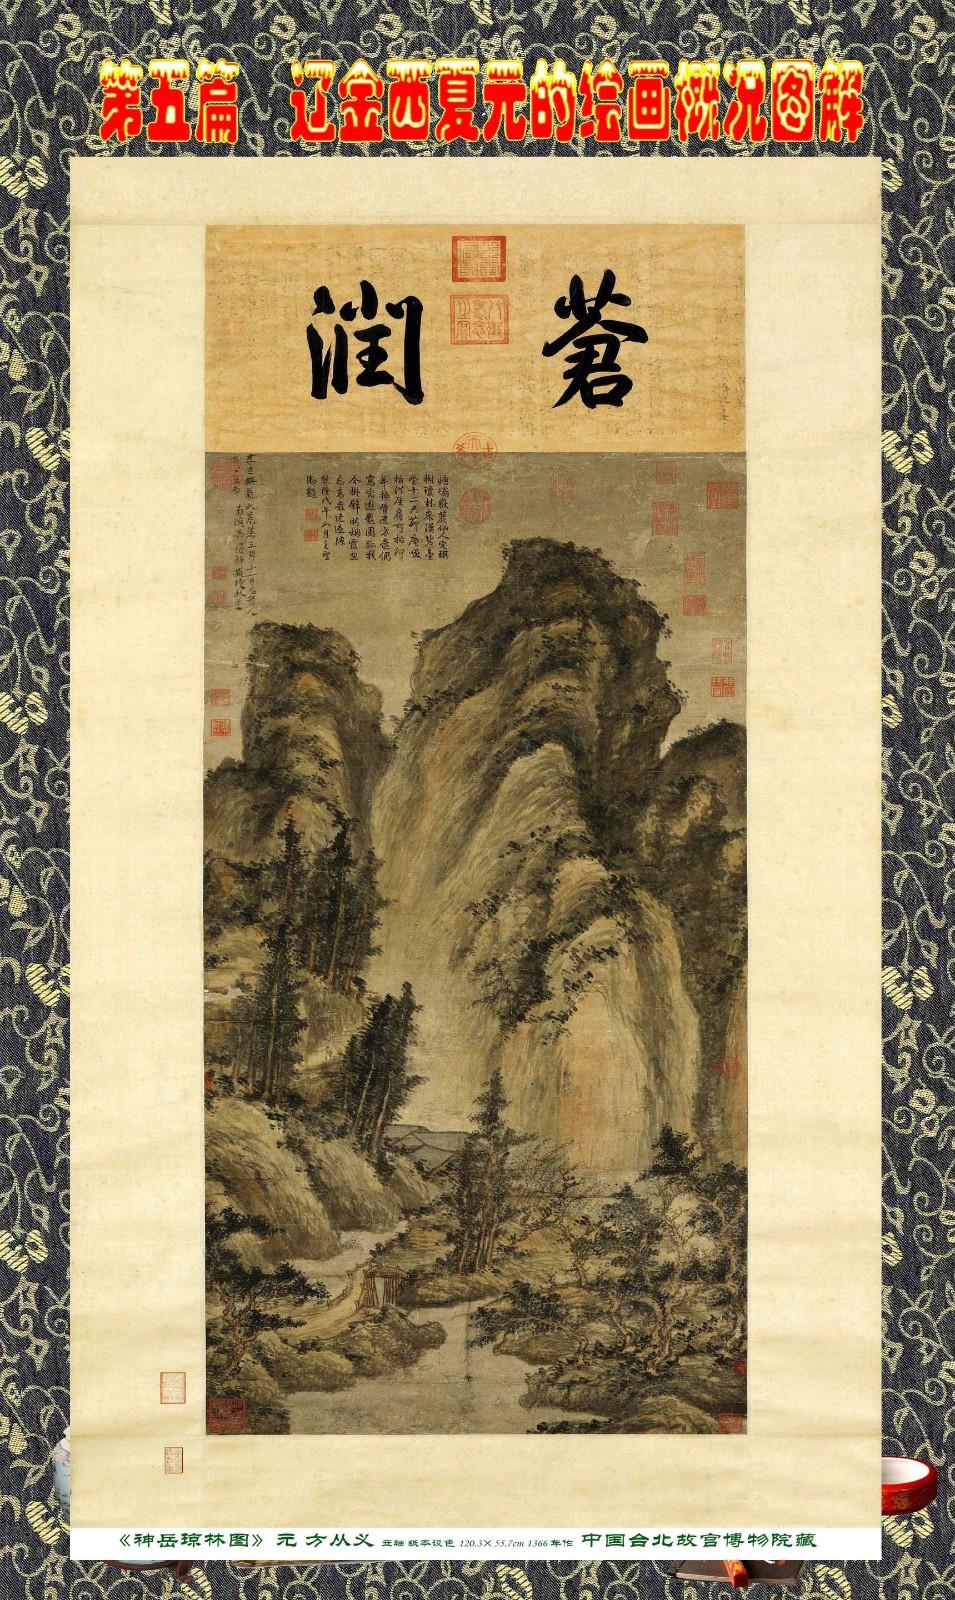 顾绍骅编辑 中国画知识普及版 第五篇 辽金西夏元的绘画概况 下 ... ..._图1-40